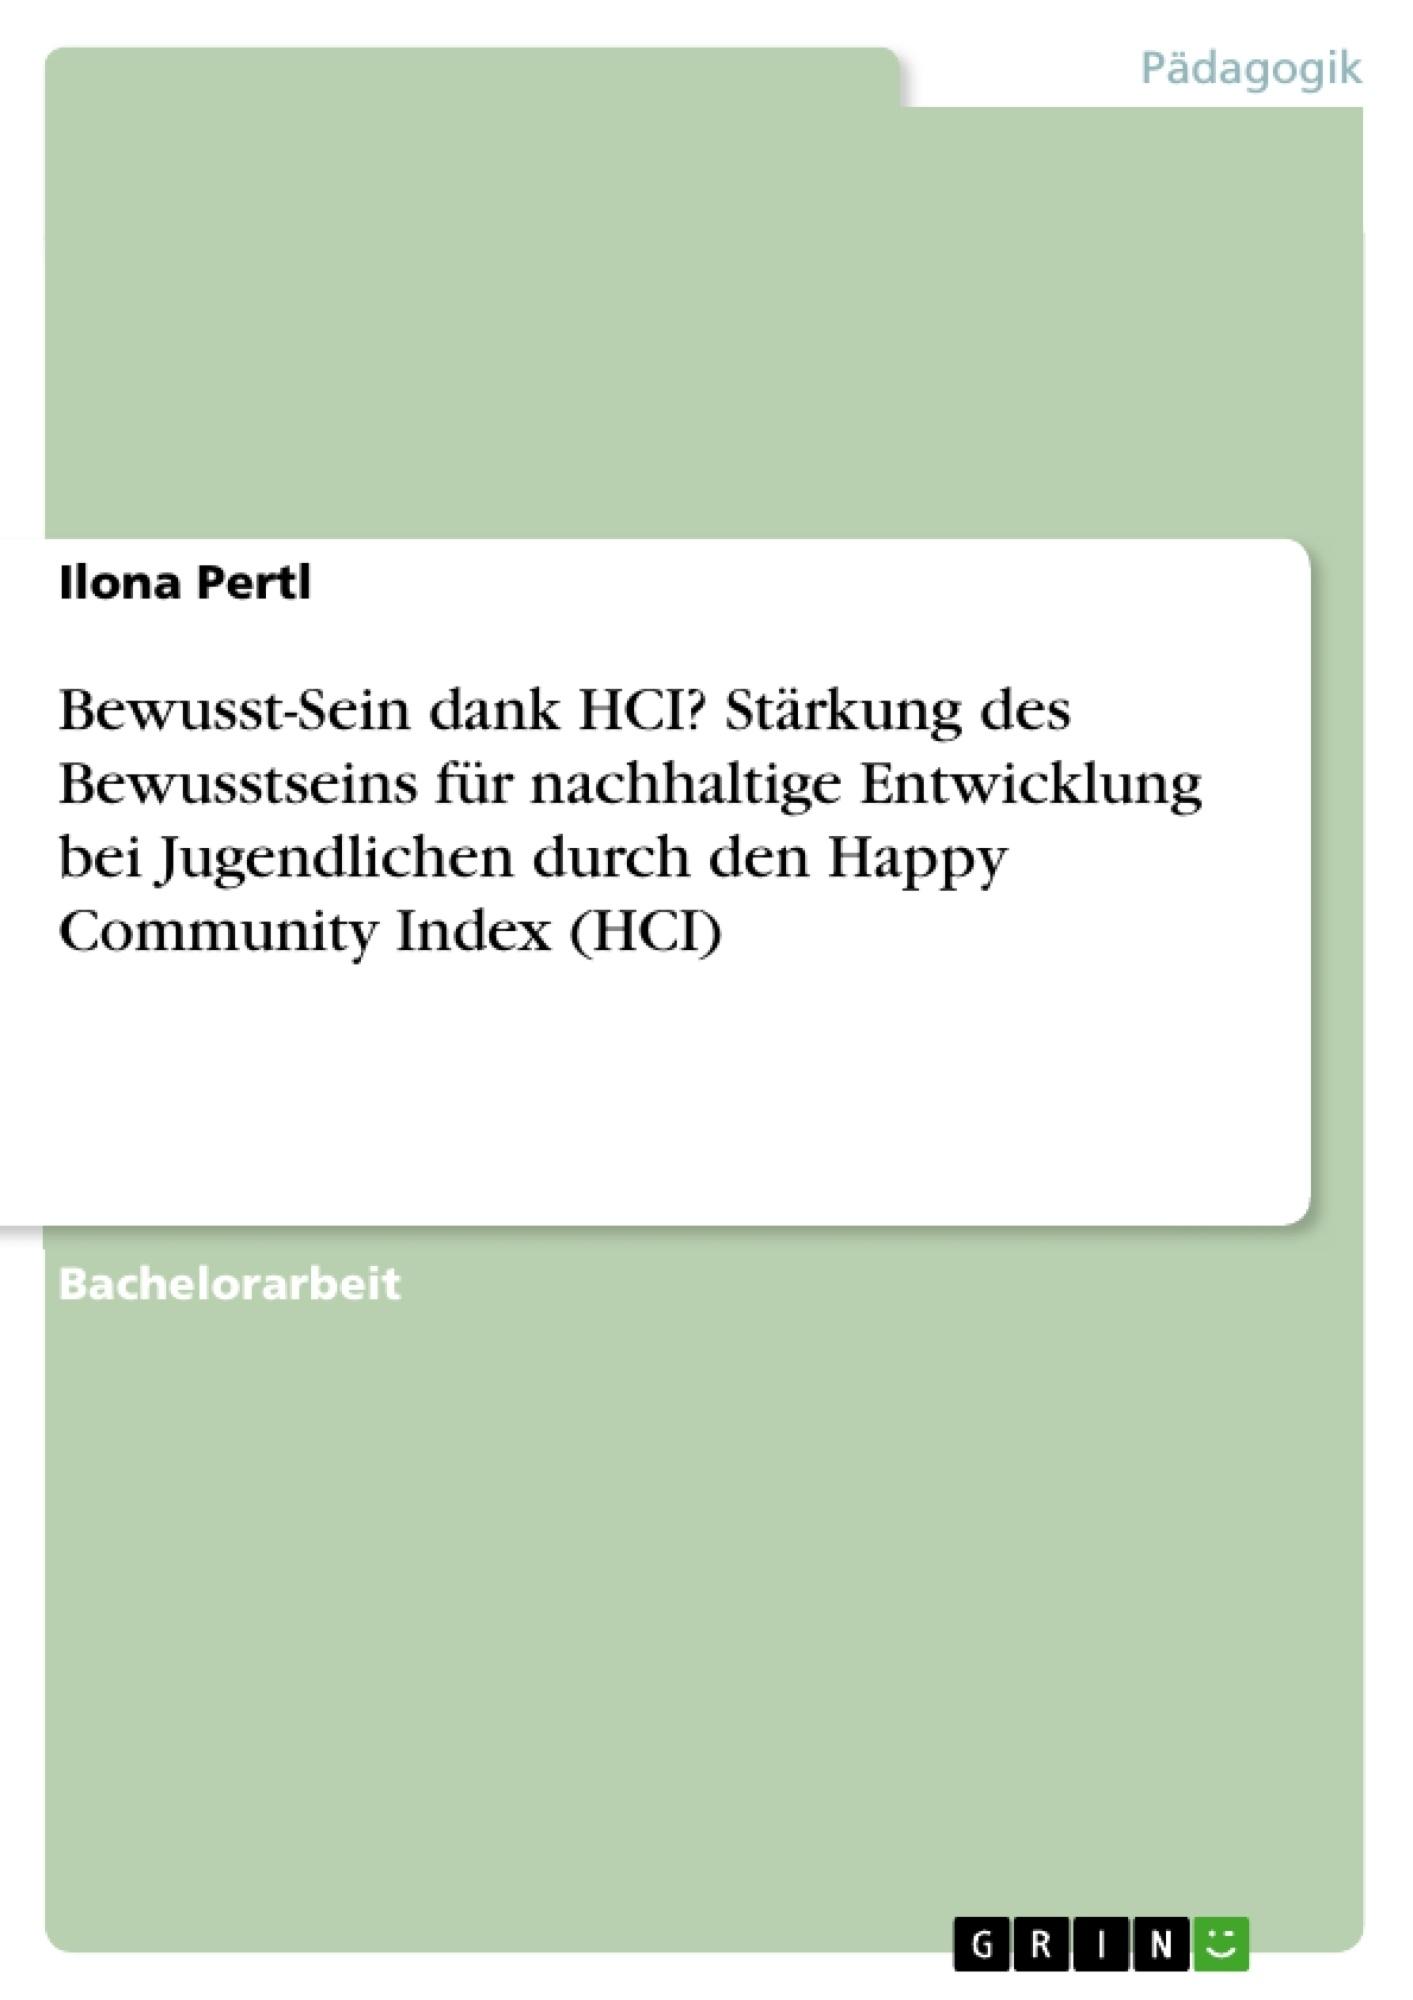 Titel: Bewusst-Sein dank HCI? Stärkung des Bewusstseins für nachhaltige Entwicklung bei Jugendlichen durch den Happy Community Index (HCI)